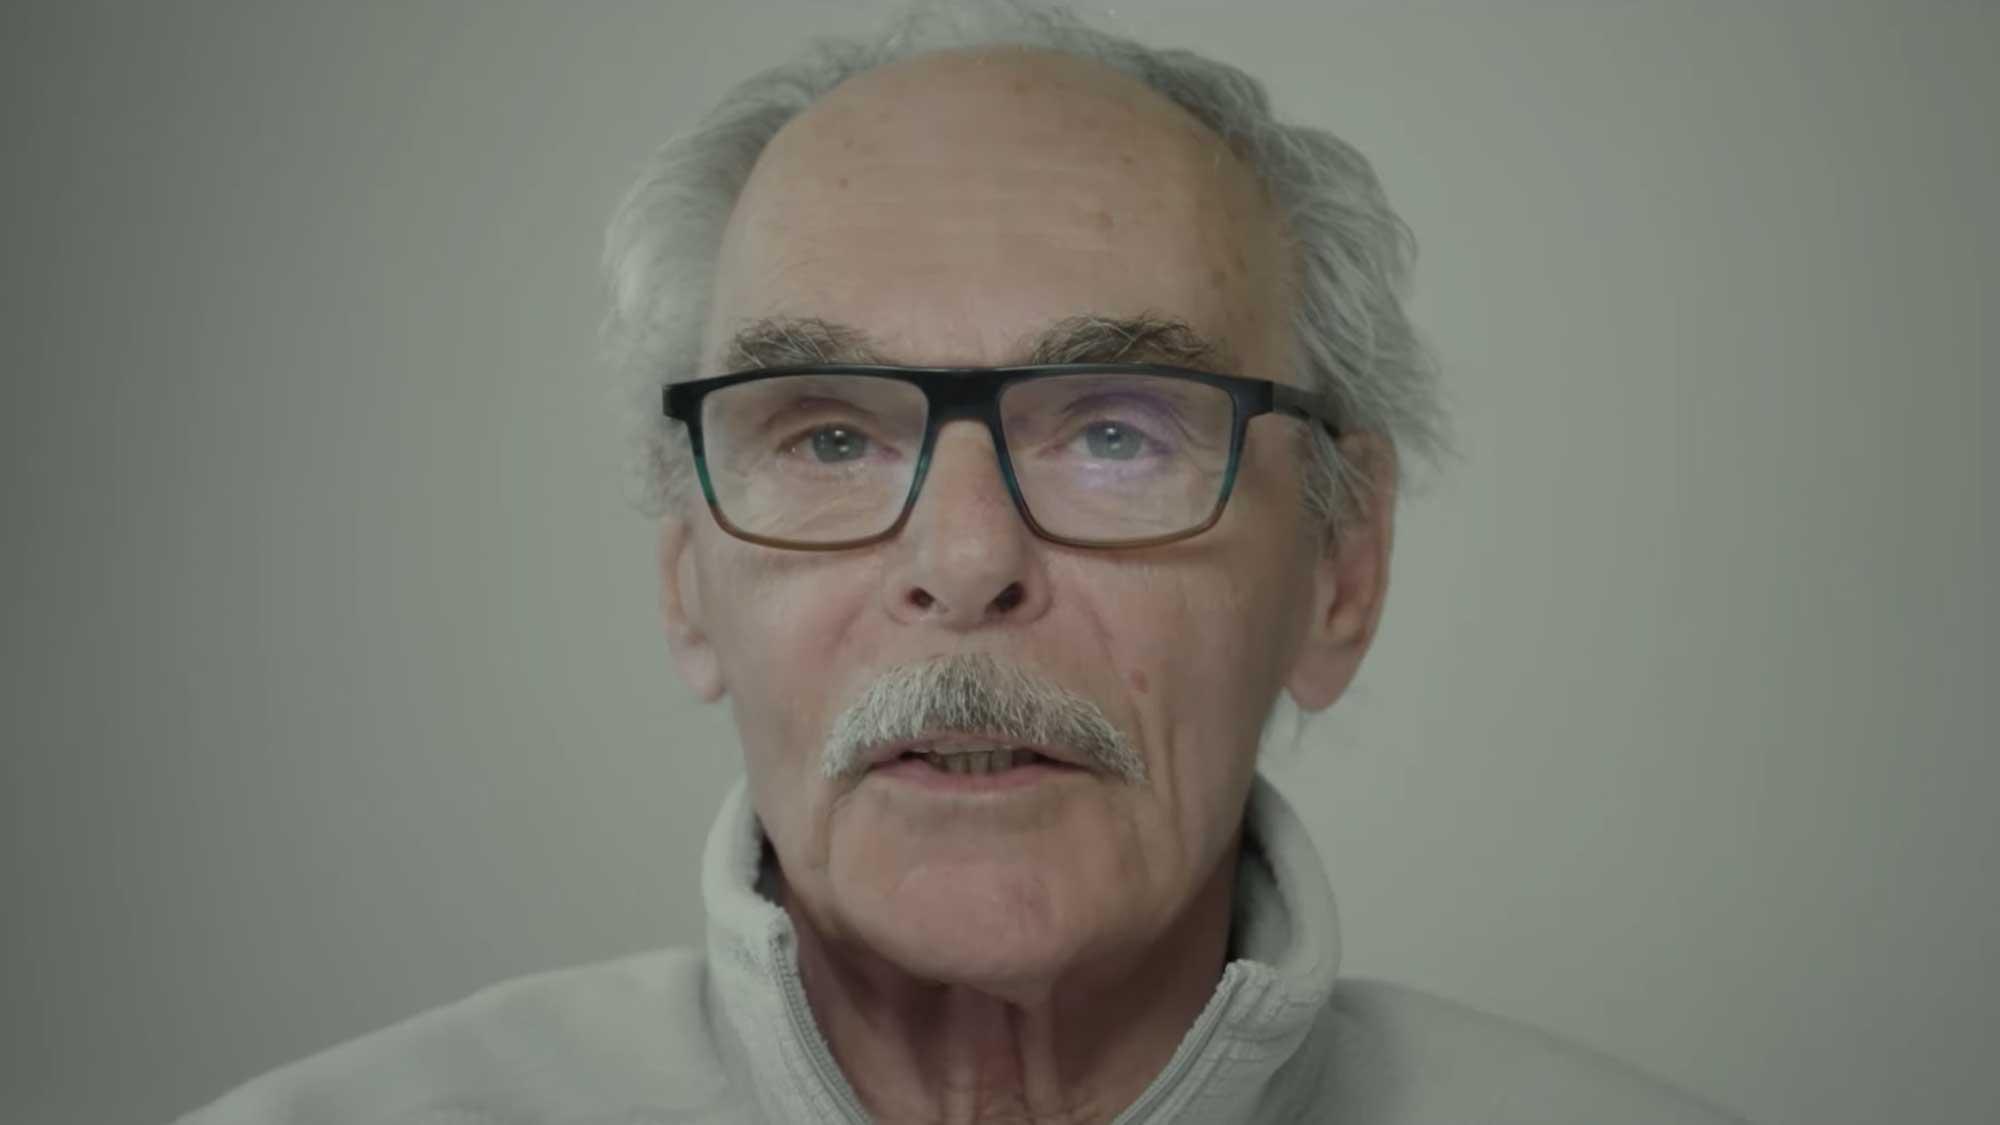 Le réalisateur Jean Beaudin offre un témoignage touchant dans le film de son collègue et ami Fernand Dansereau.